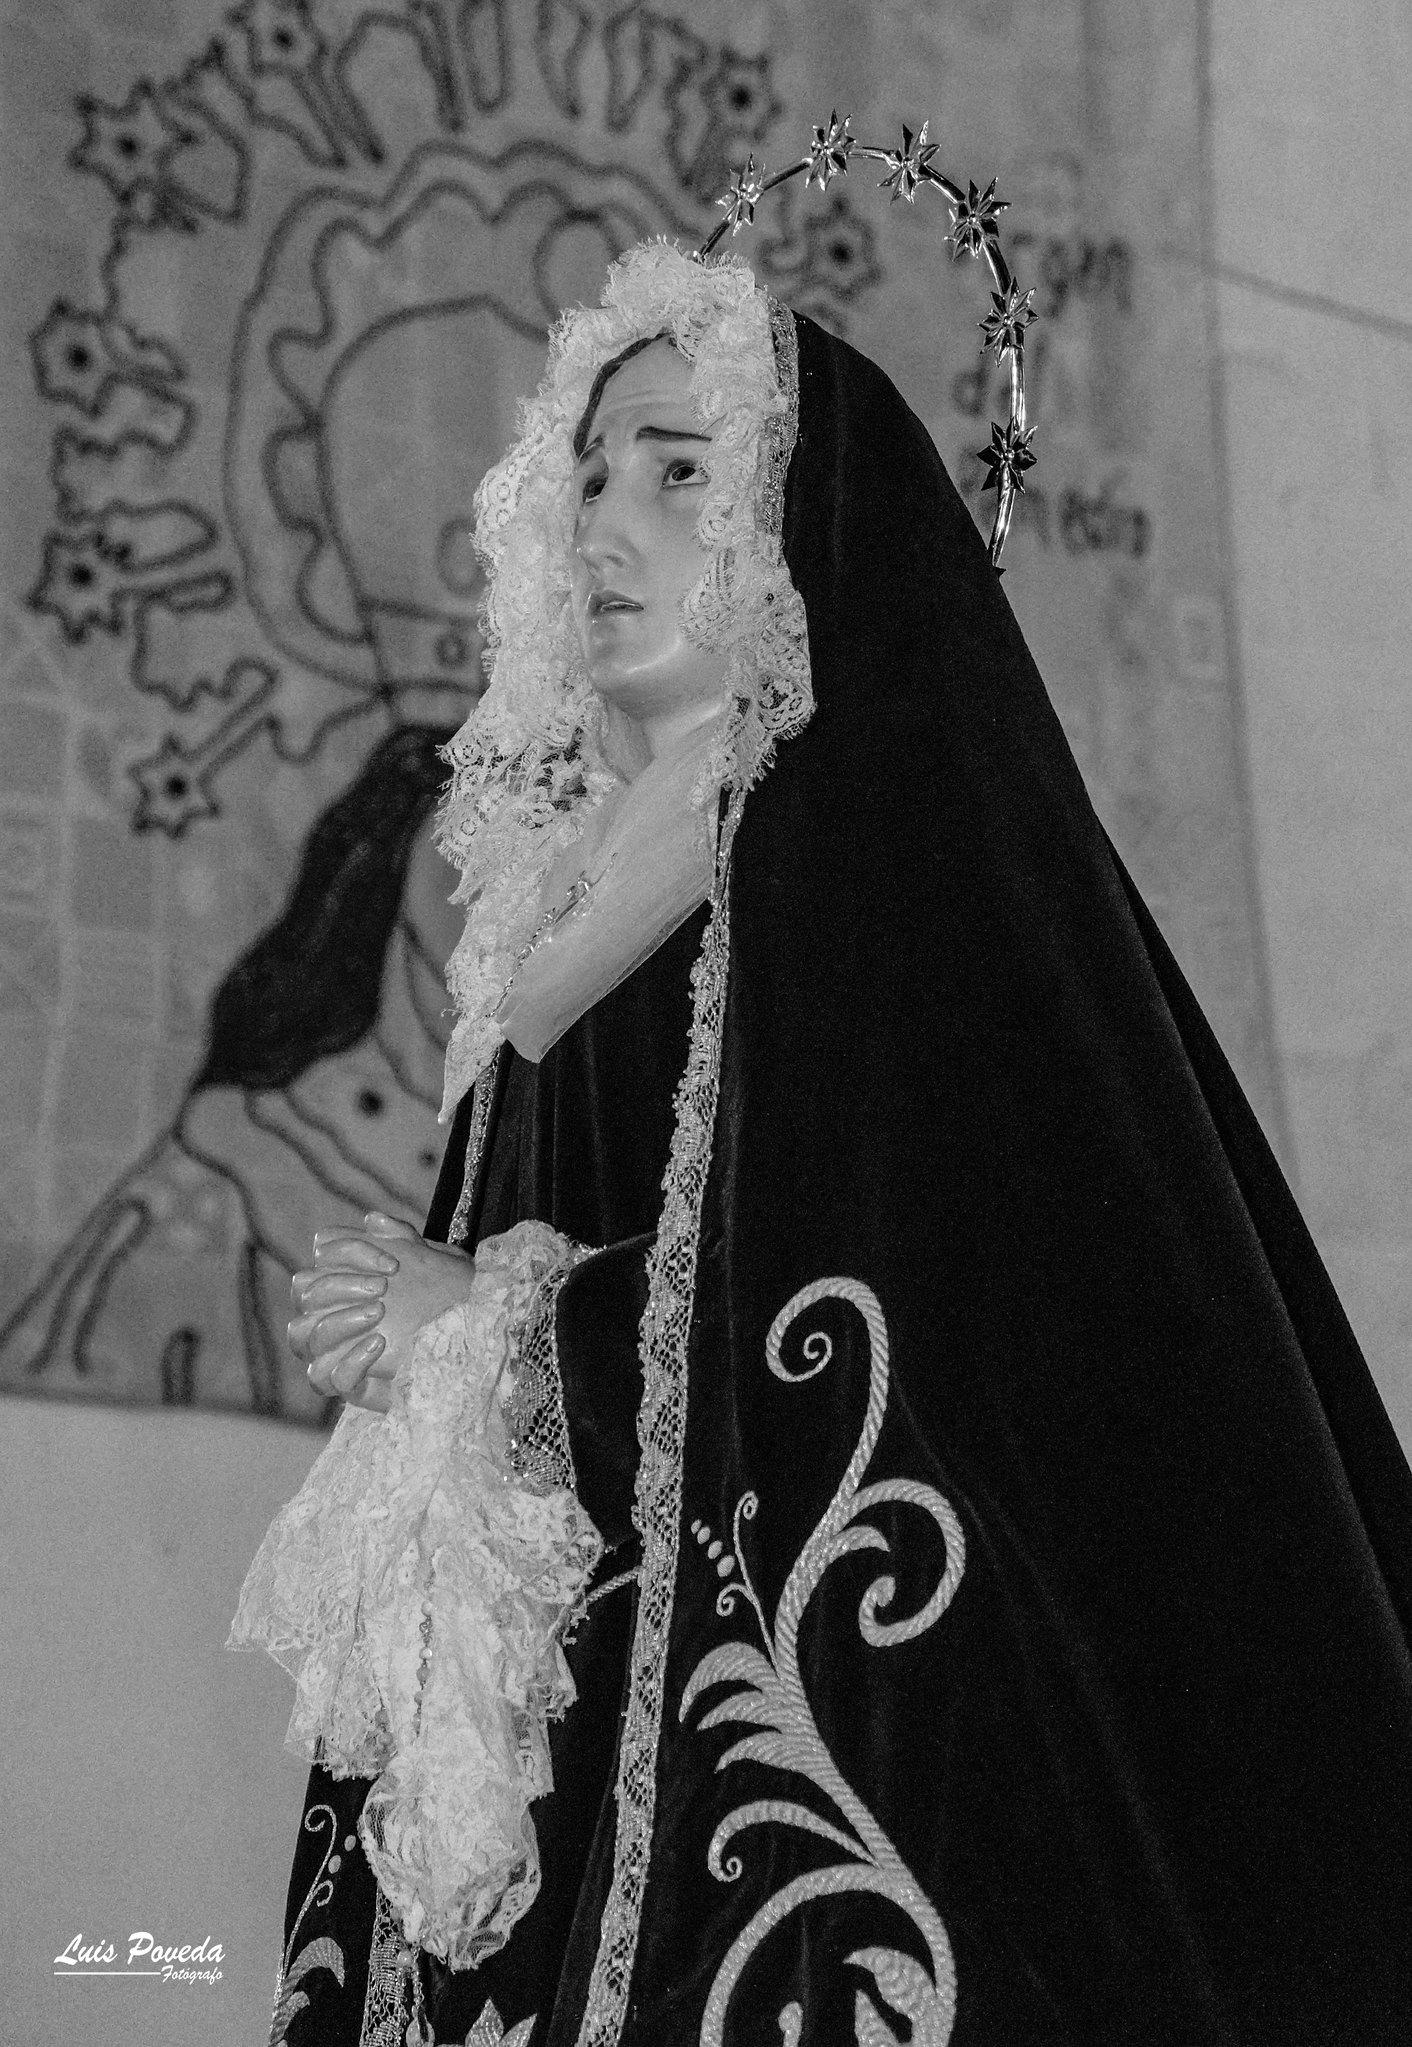 (2019-04-12) - X Vía Crucis nocturno - Luis Poveda Galiano (16)